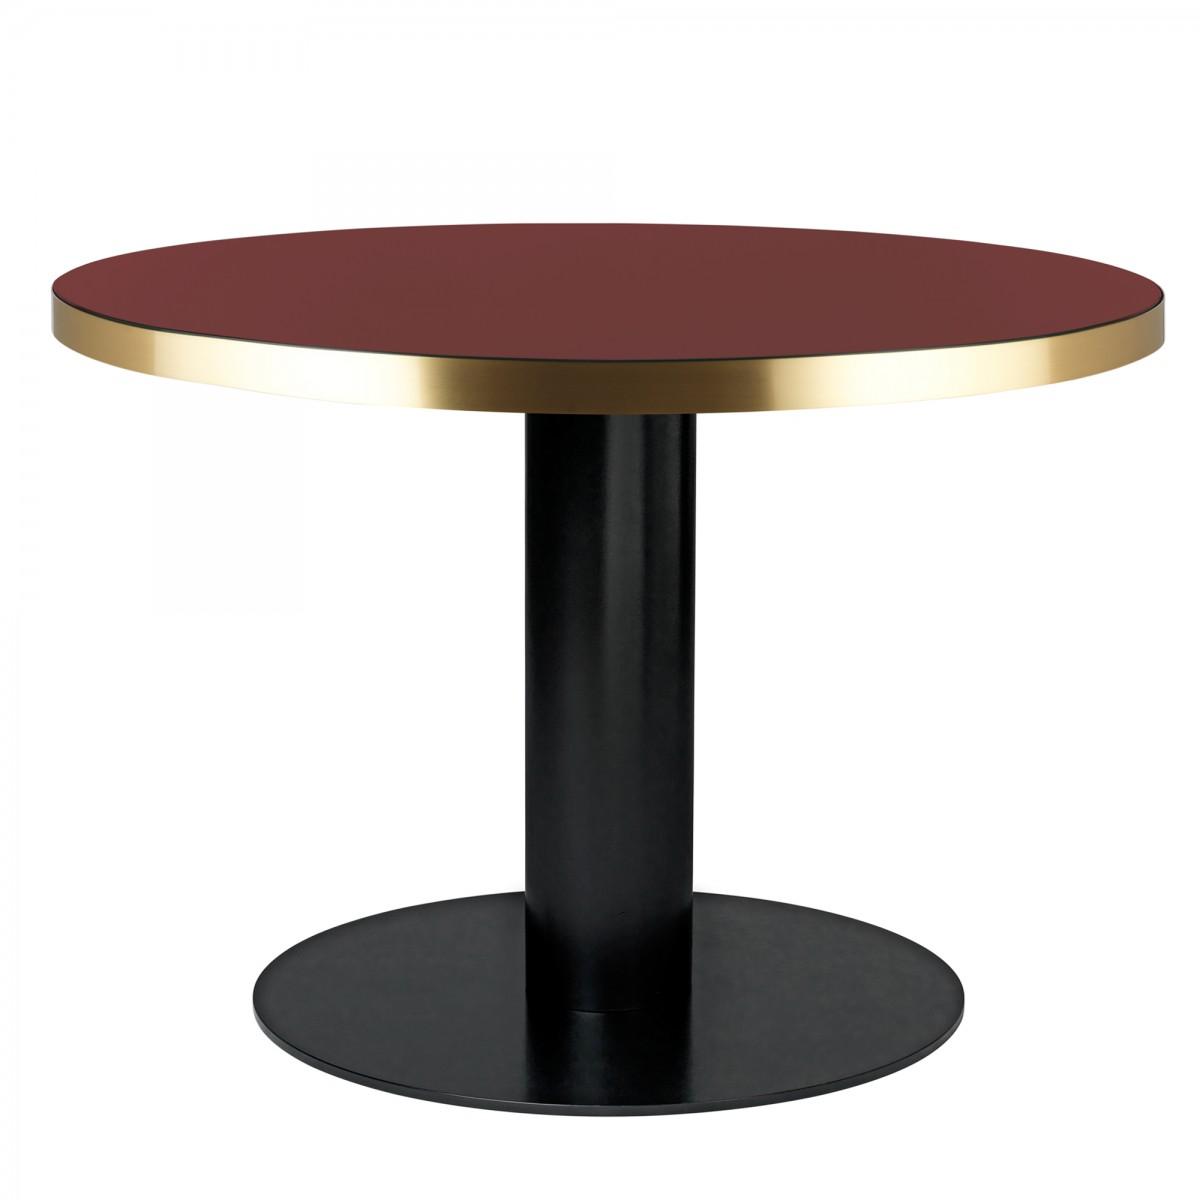 table dining 2 0 ronde en verre rouge cerise gubi. Black Bedroom Furniture Sets. Home Design Ideas